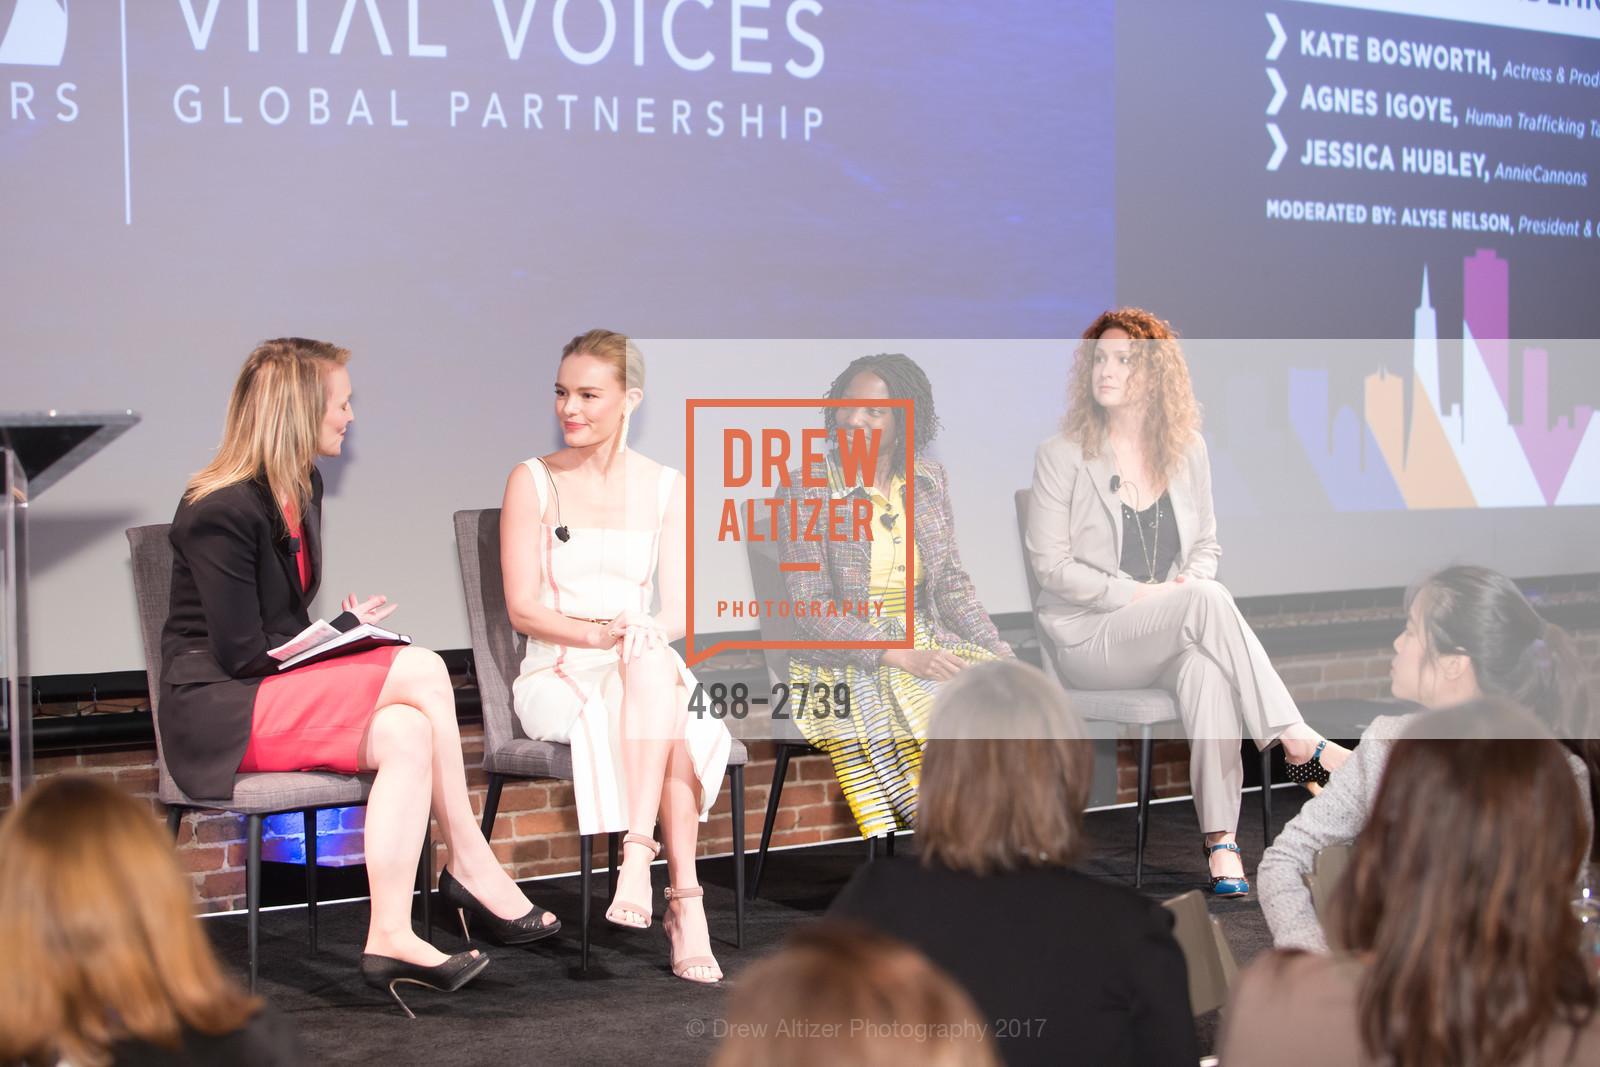 Alyse Nelson, Kate Bosworth, Agnes Igoye, Jessica Hubley, Photo #488-2739